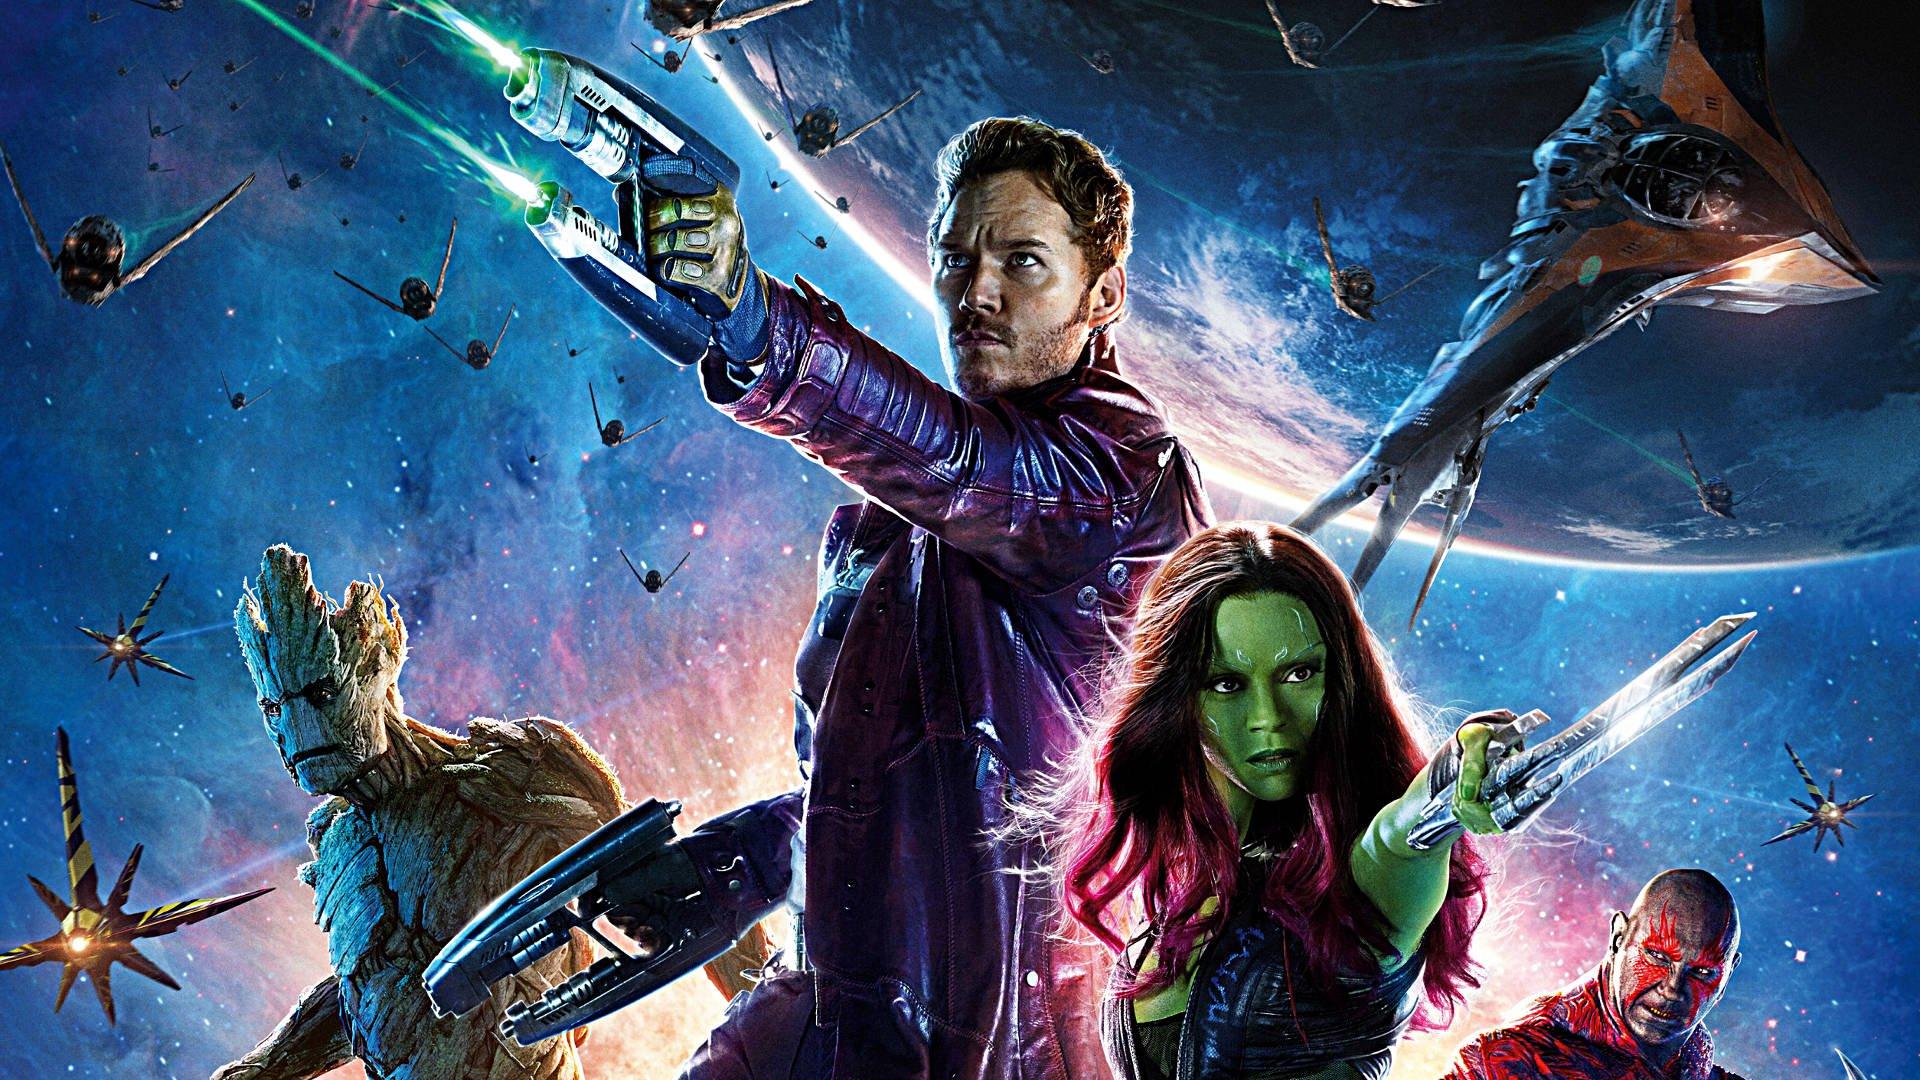 Guardians of the Galaxy, Стражи галактики, арт, art, красивые картинки